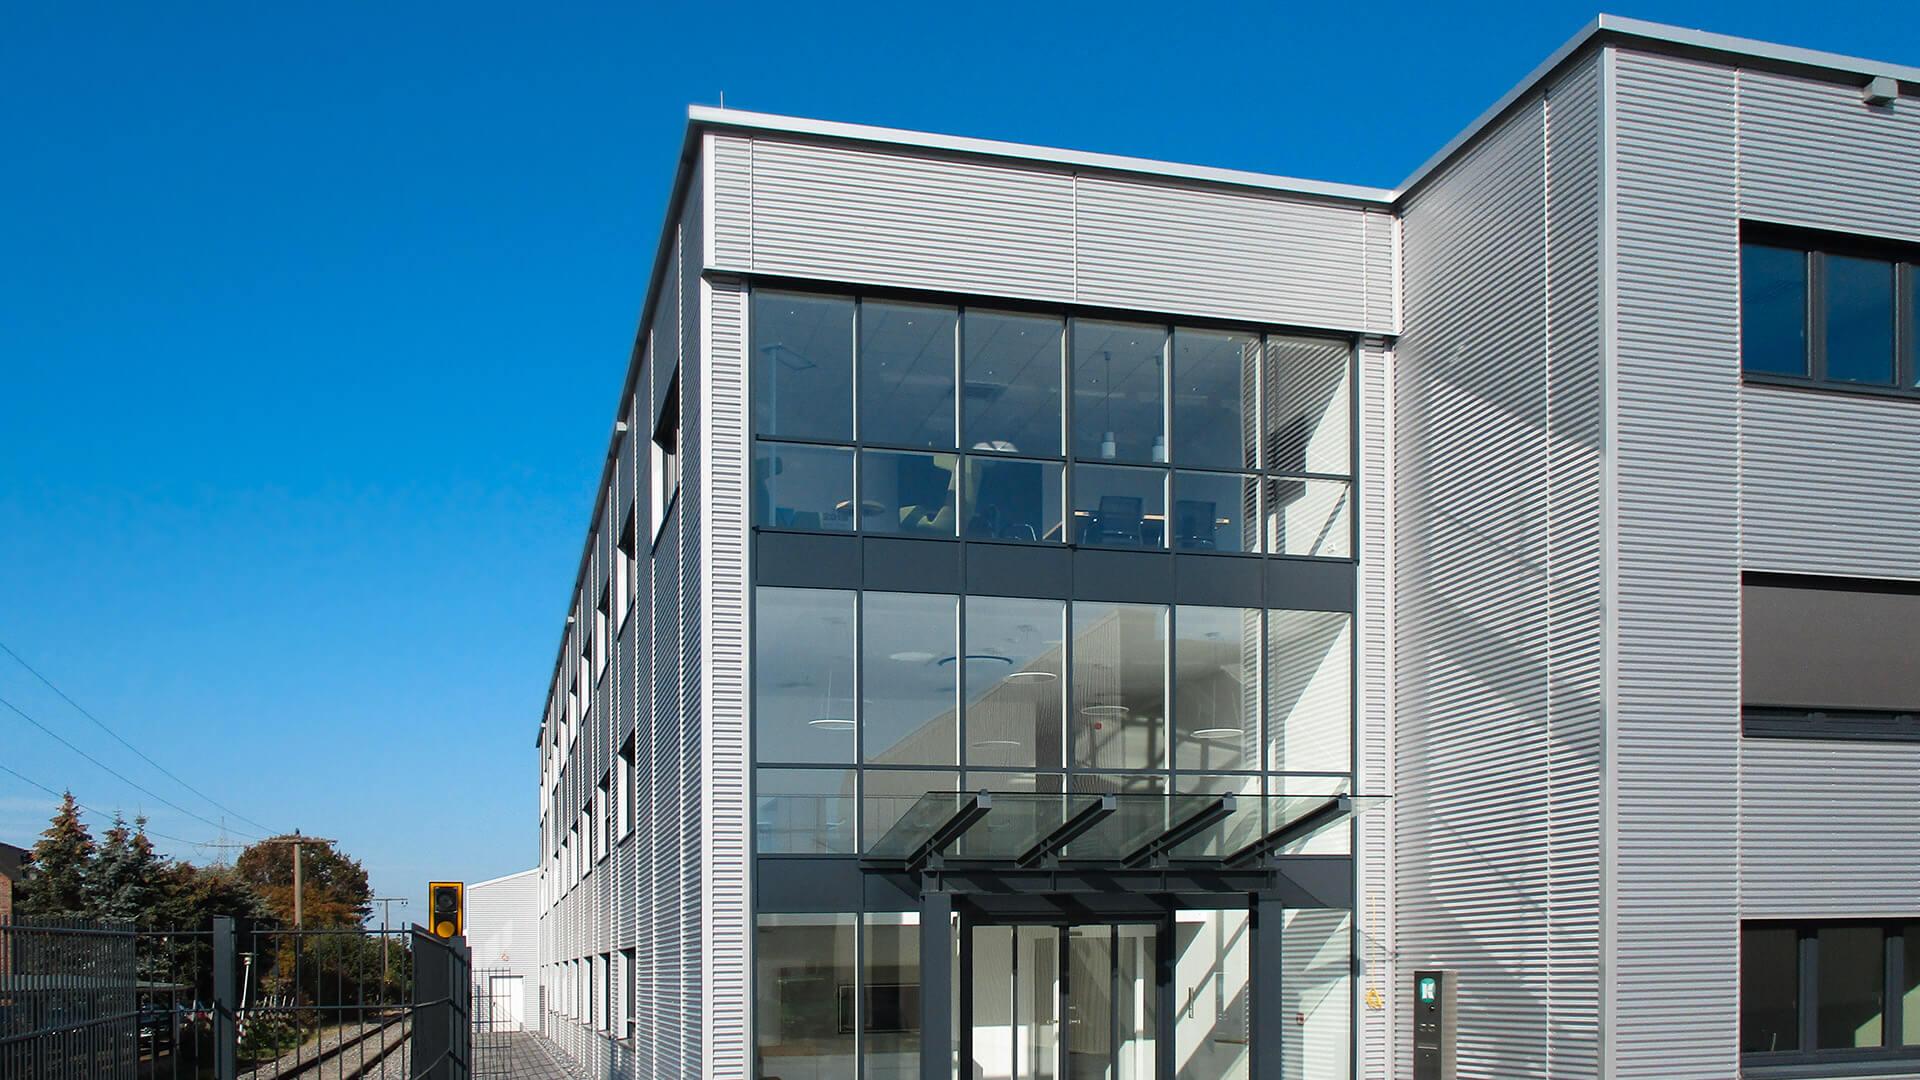 Update: neues Verwaltungsgebäude in Bohmte